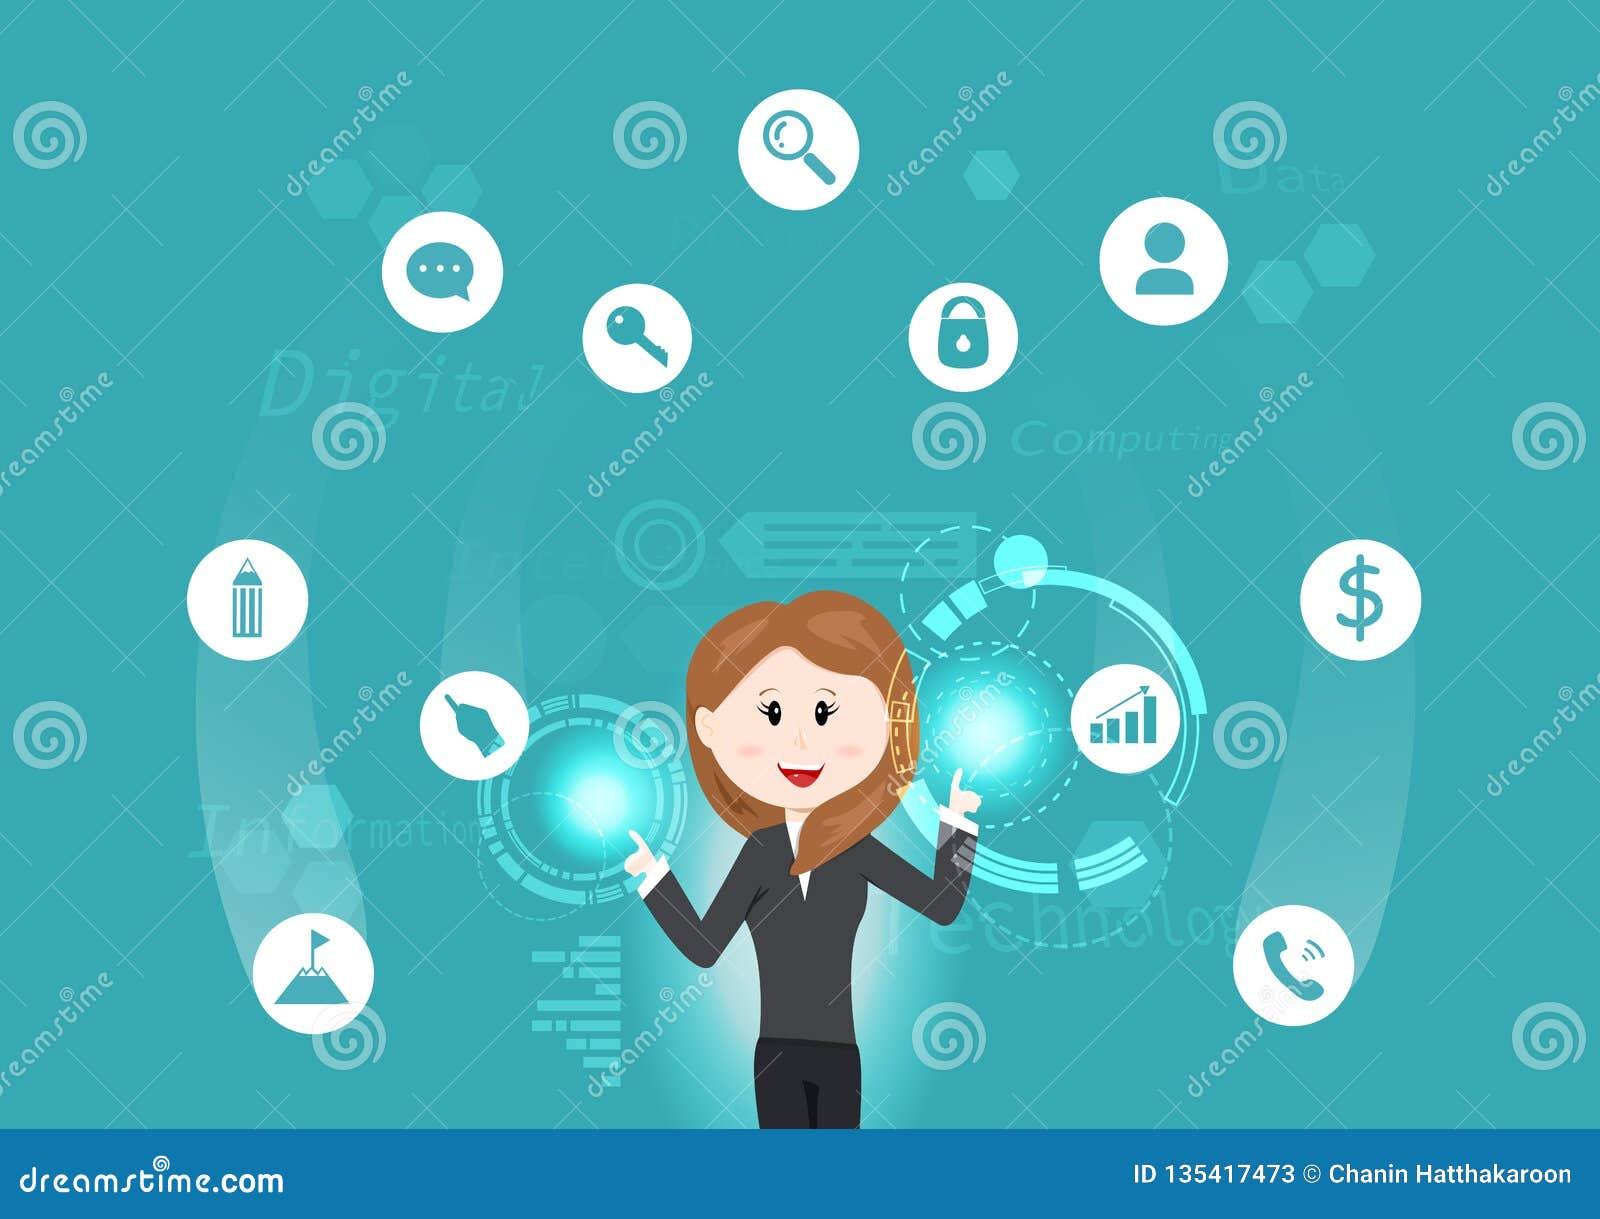 Bedrijfstechnologie, vrouw met informatie werken, gegevens, investering, teken en symbool futuristische vectorillustratie die als